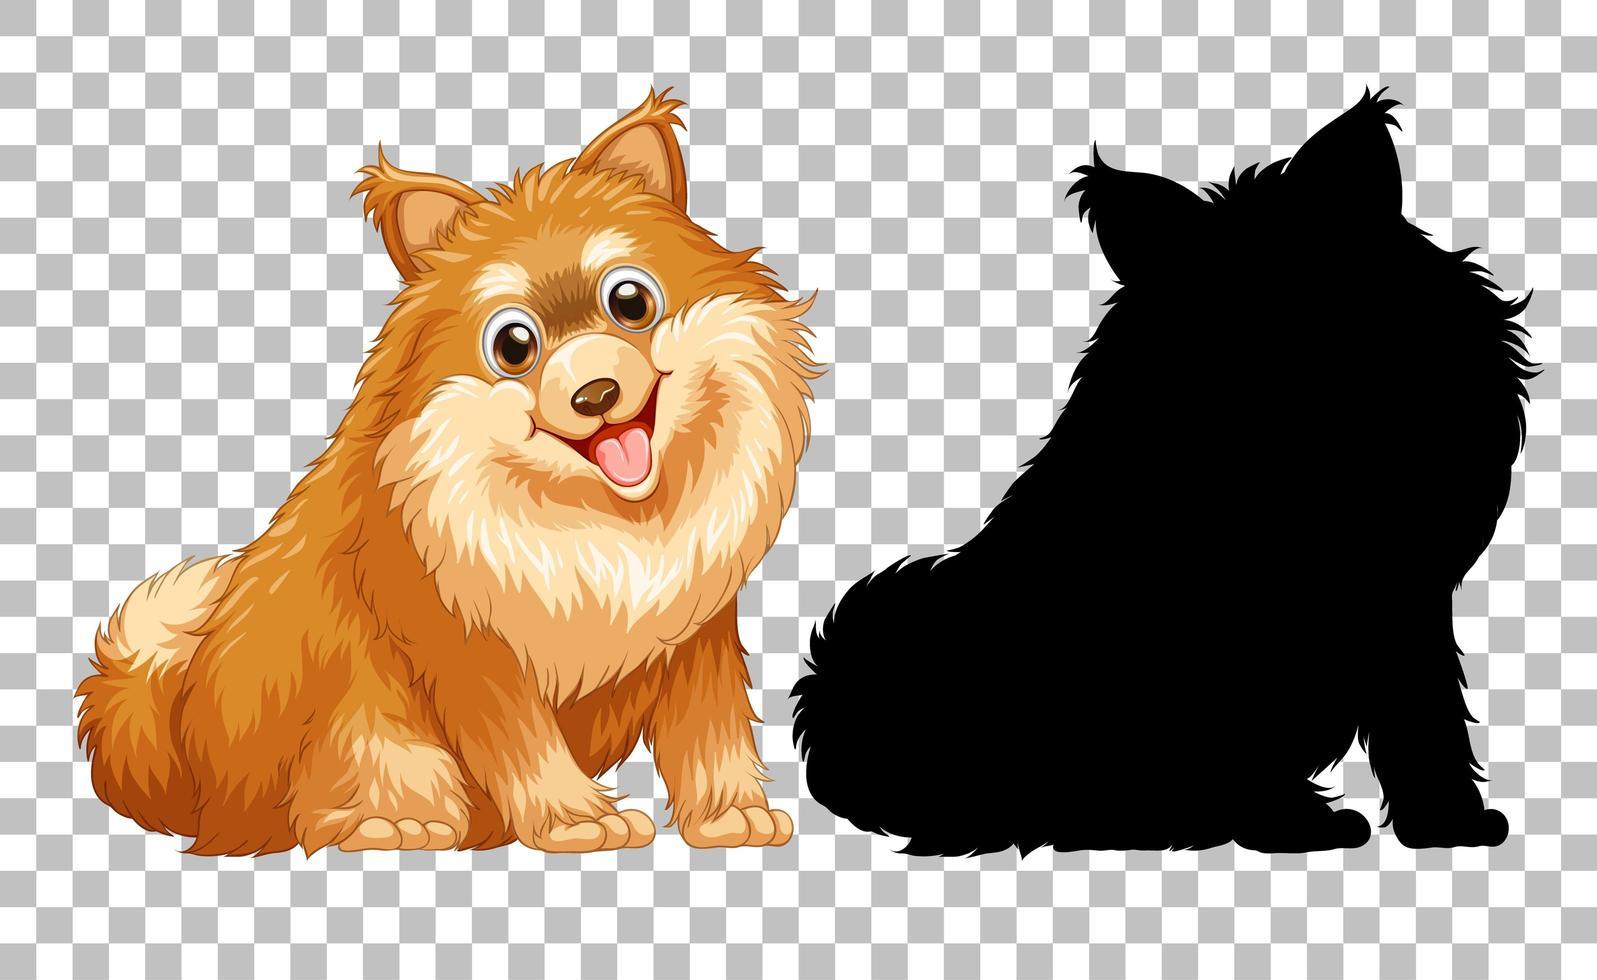 niedlicher pommerscher Hund und seine Silhouette auf transparentem Hintergrund vektor